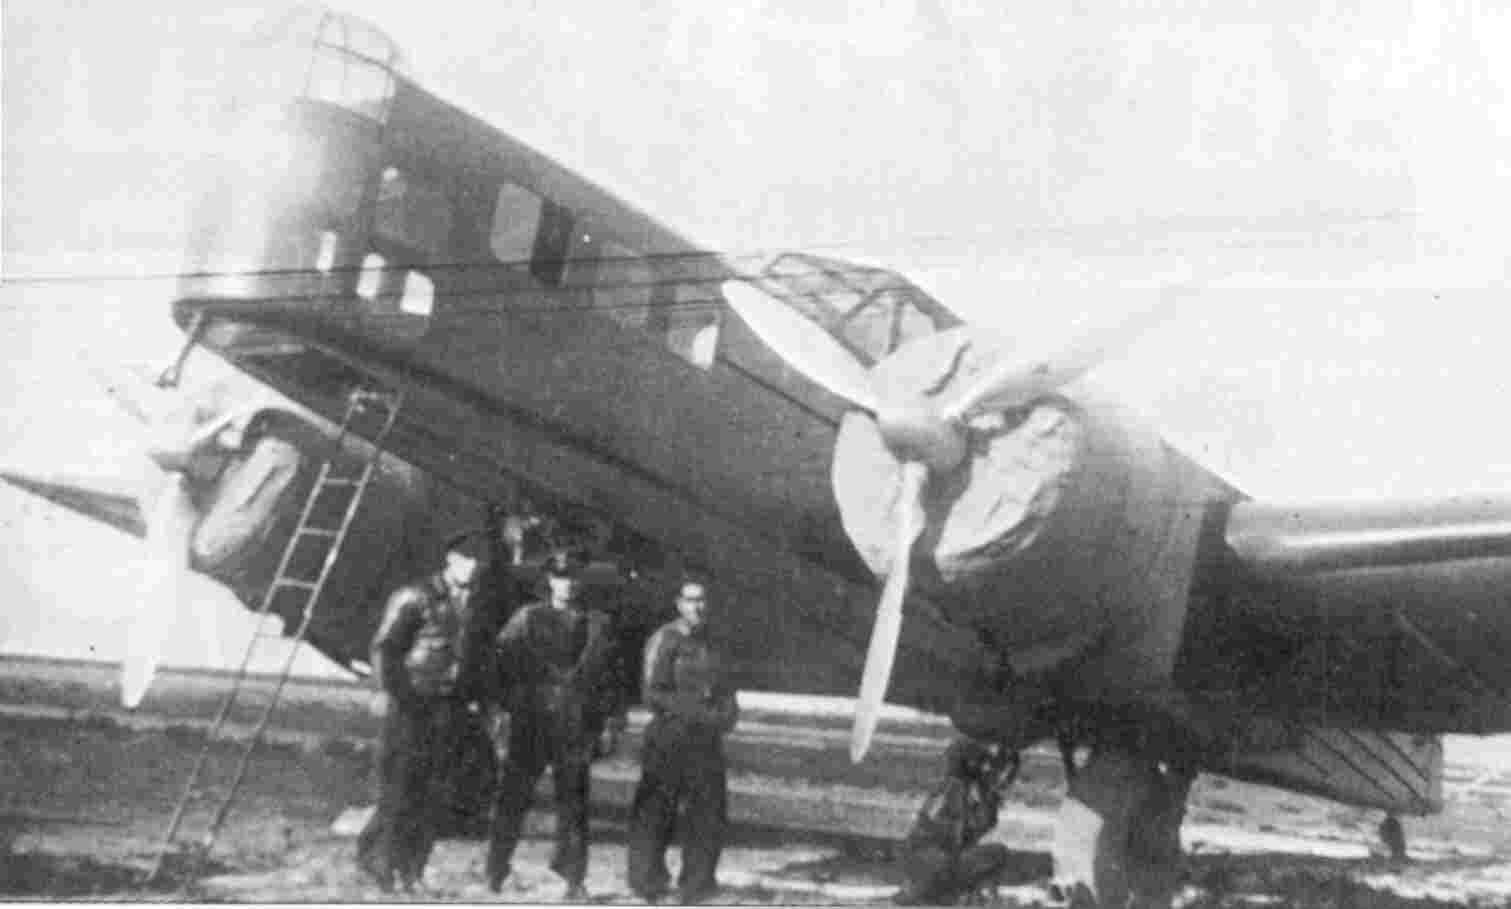 Bloch MB-210 001 Spanish Civil War